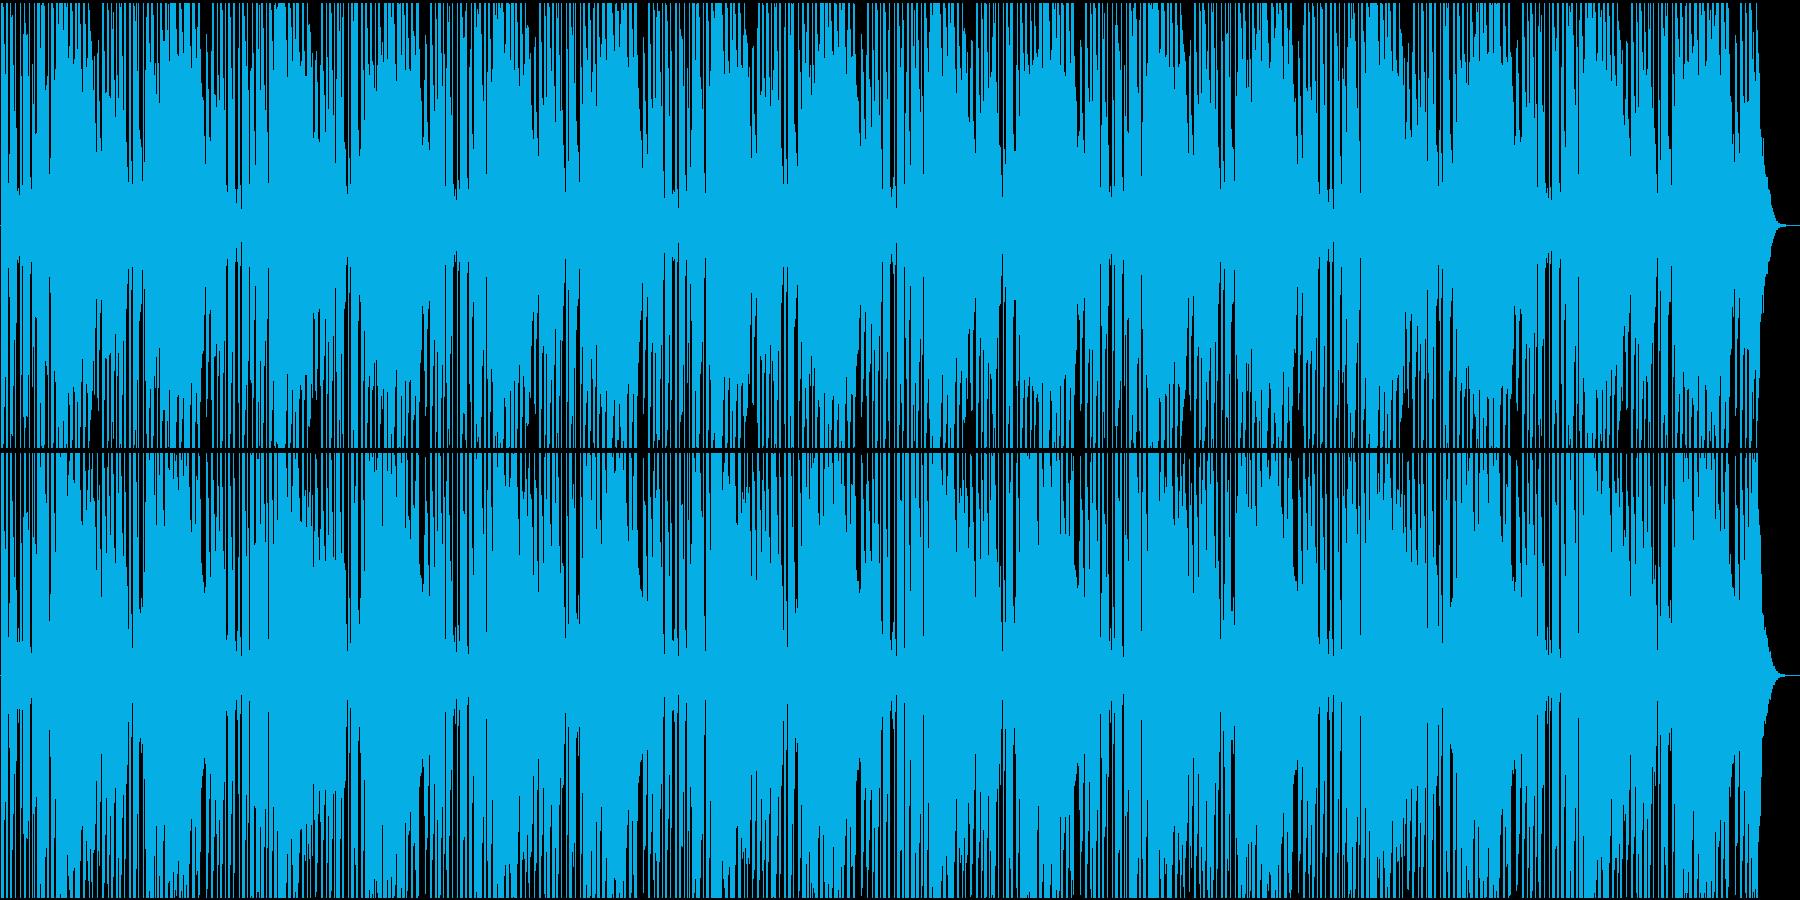 ジャズピアノ優雅でスタイリッシュ、軽やかの再生済みの波形